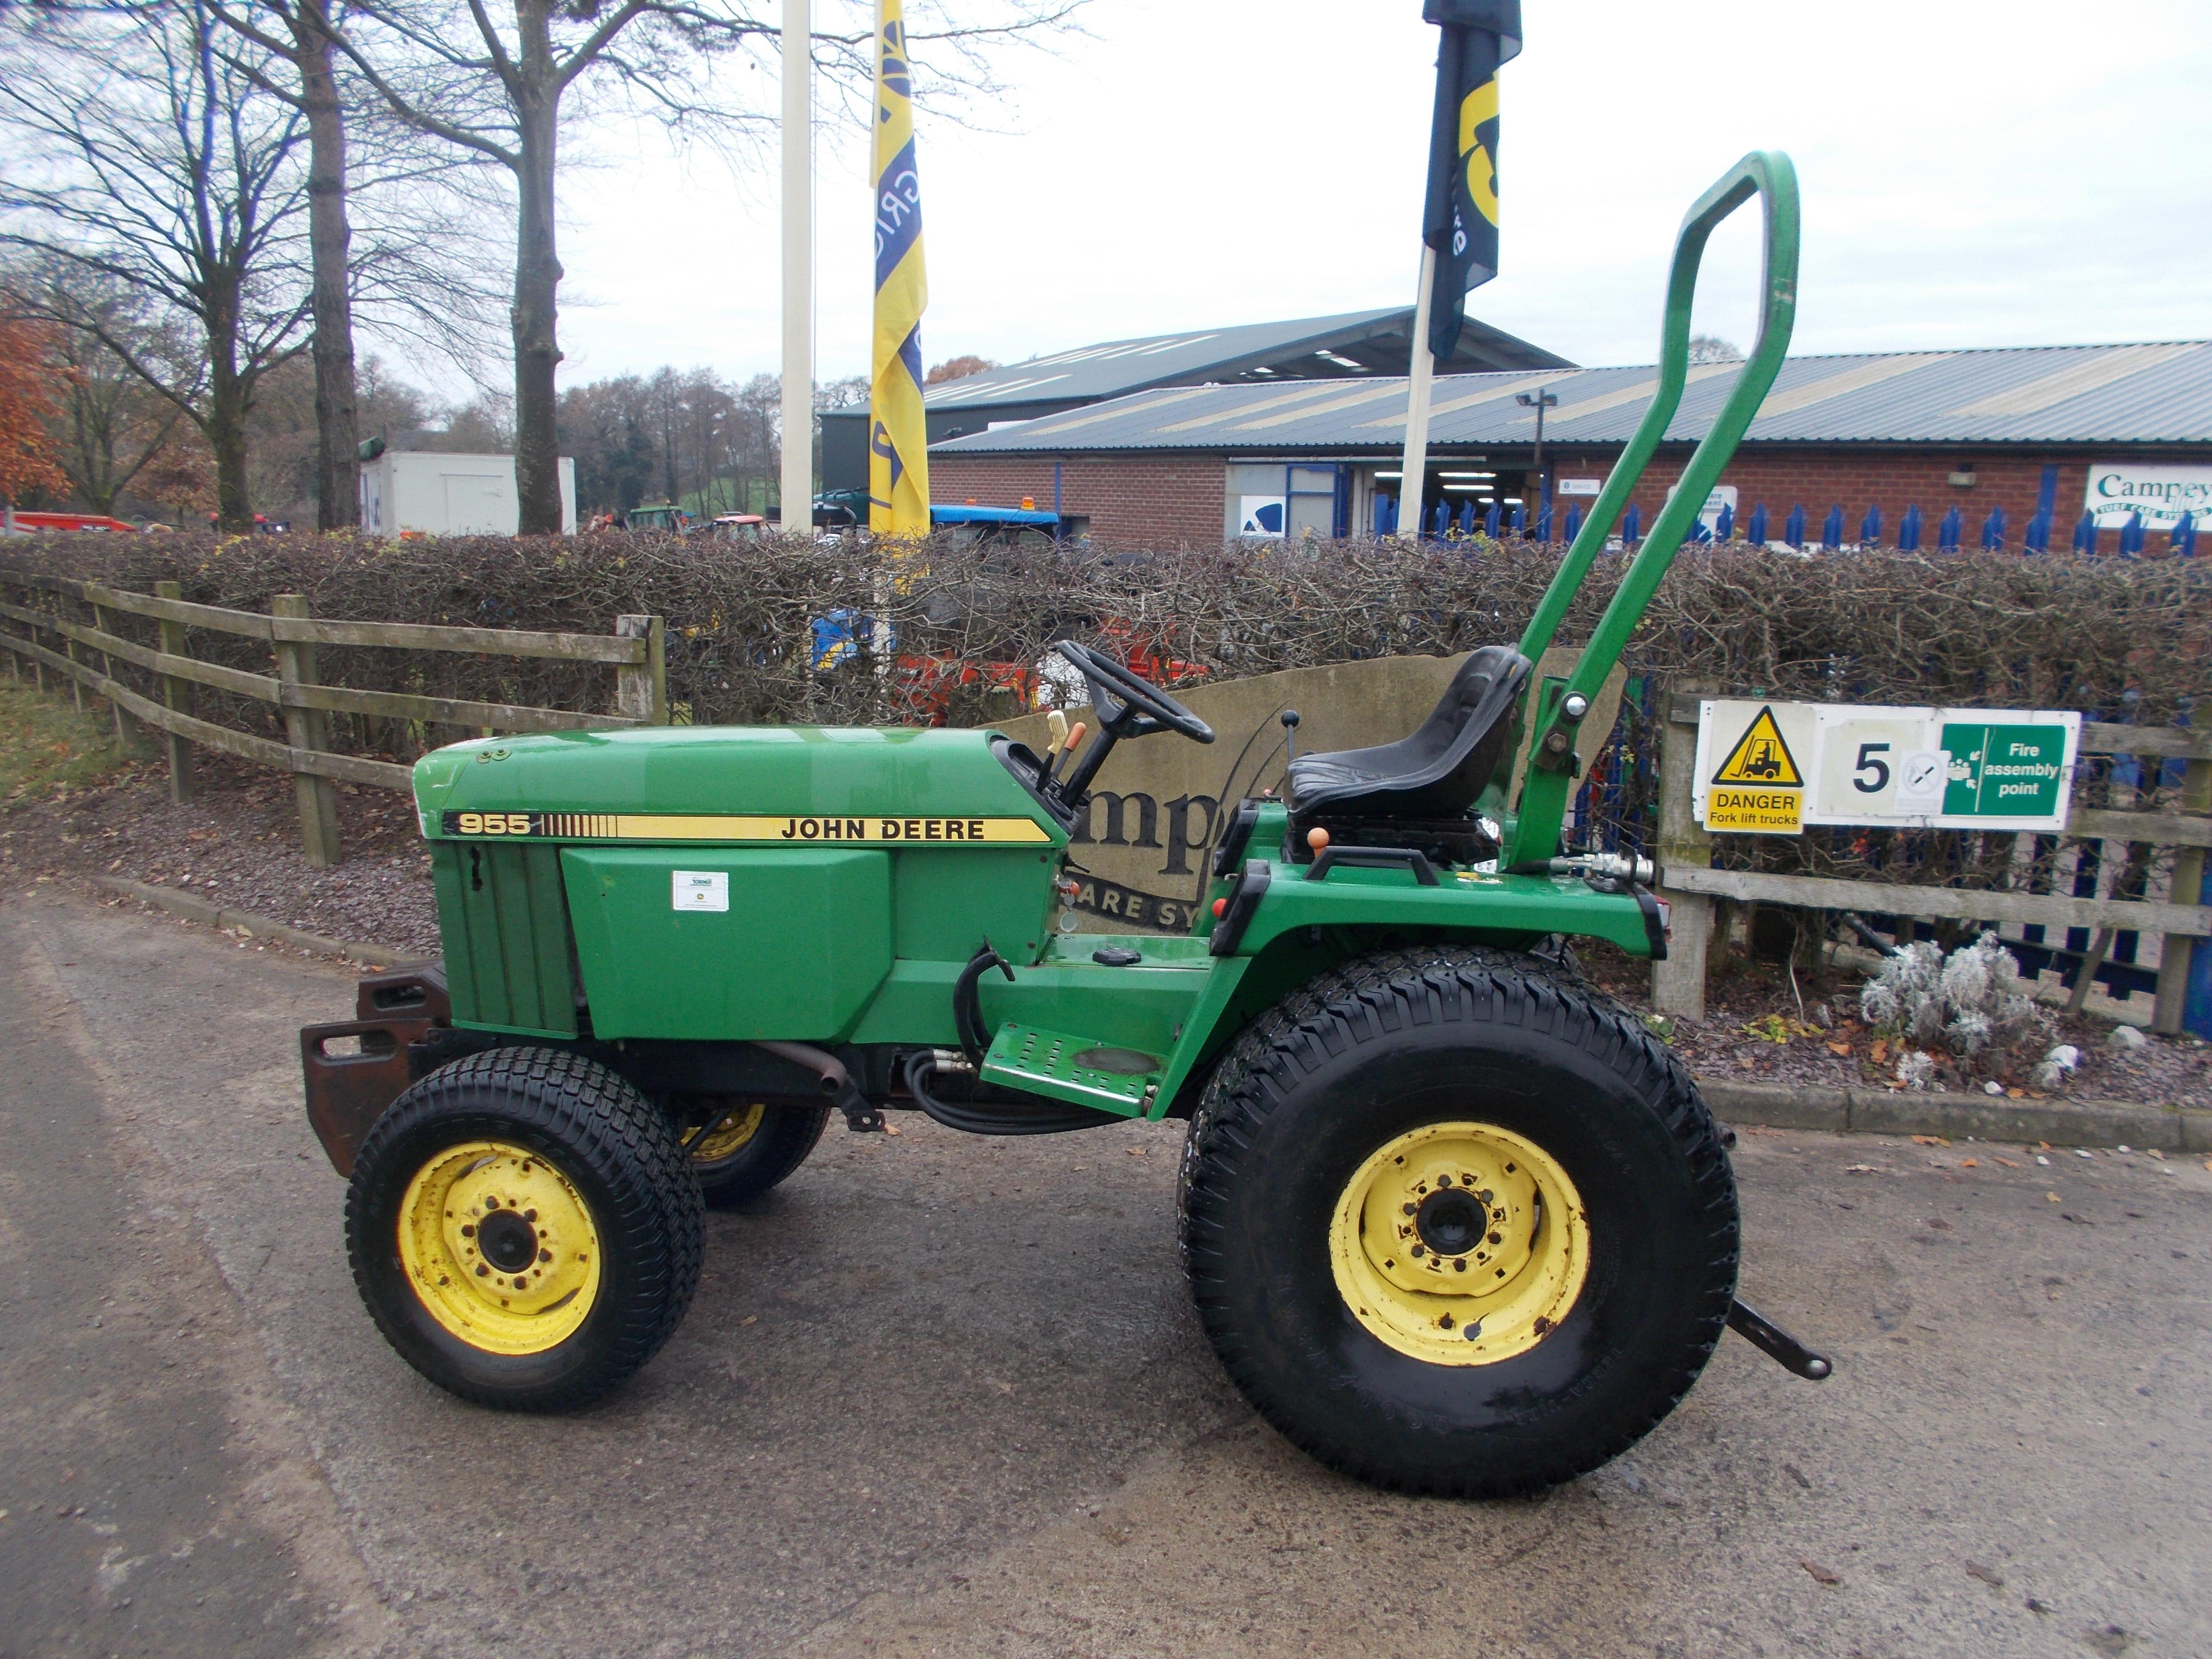 John Deere 955 Tractor U3804